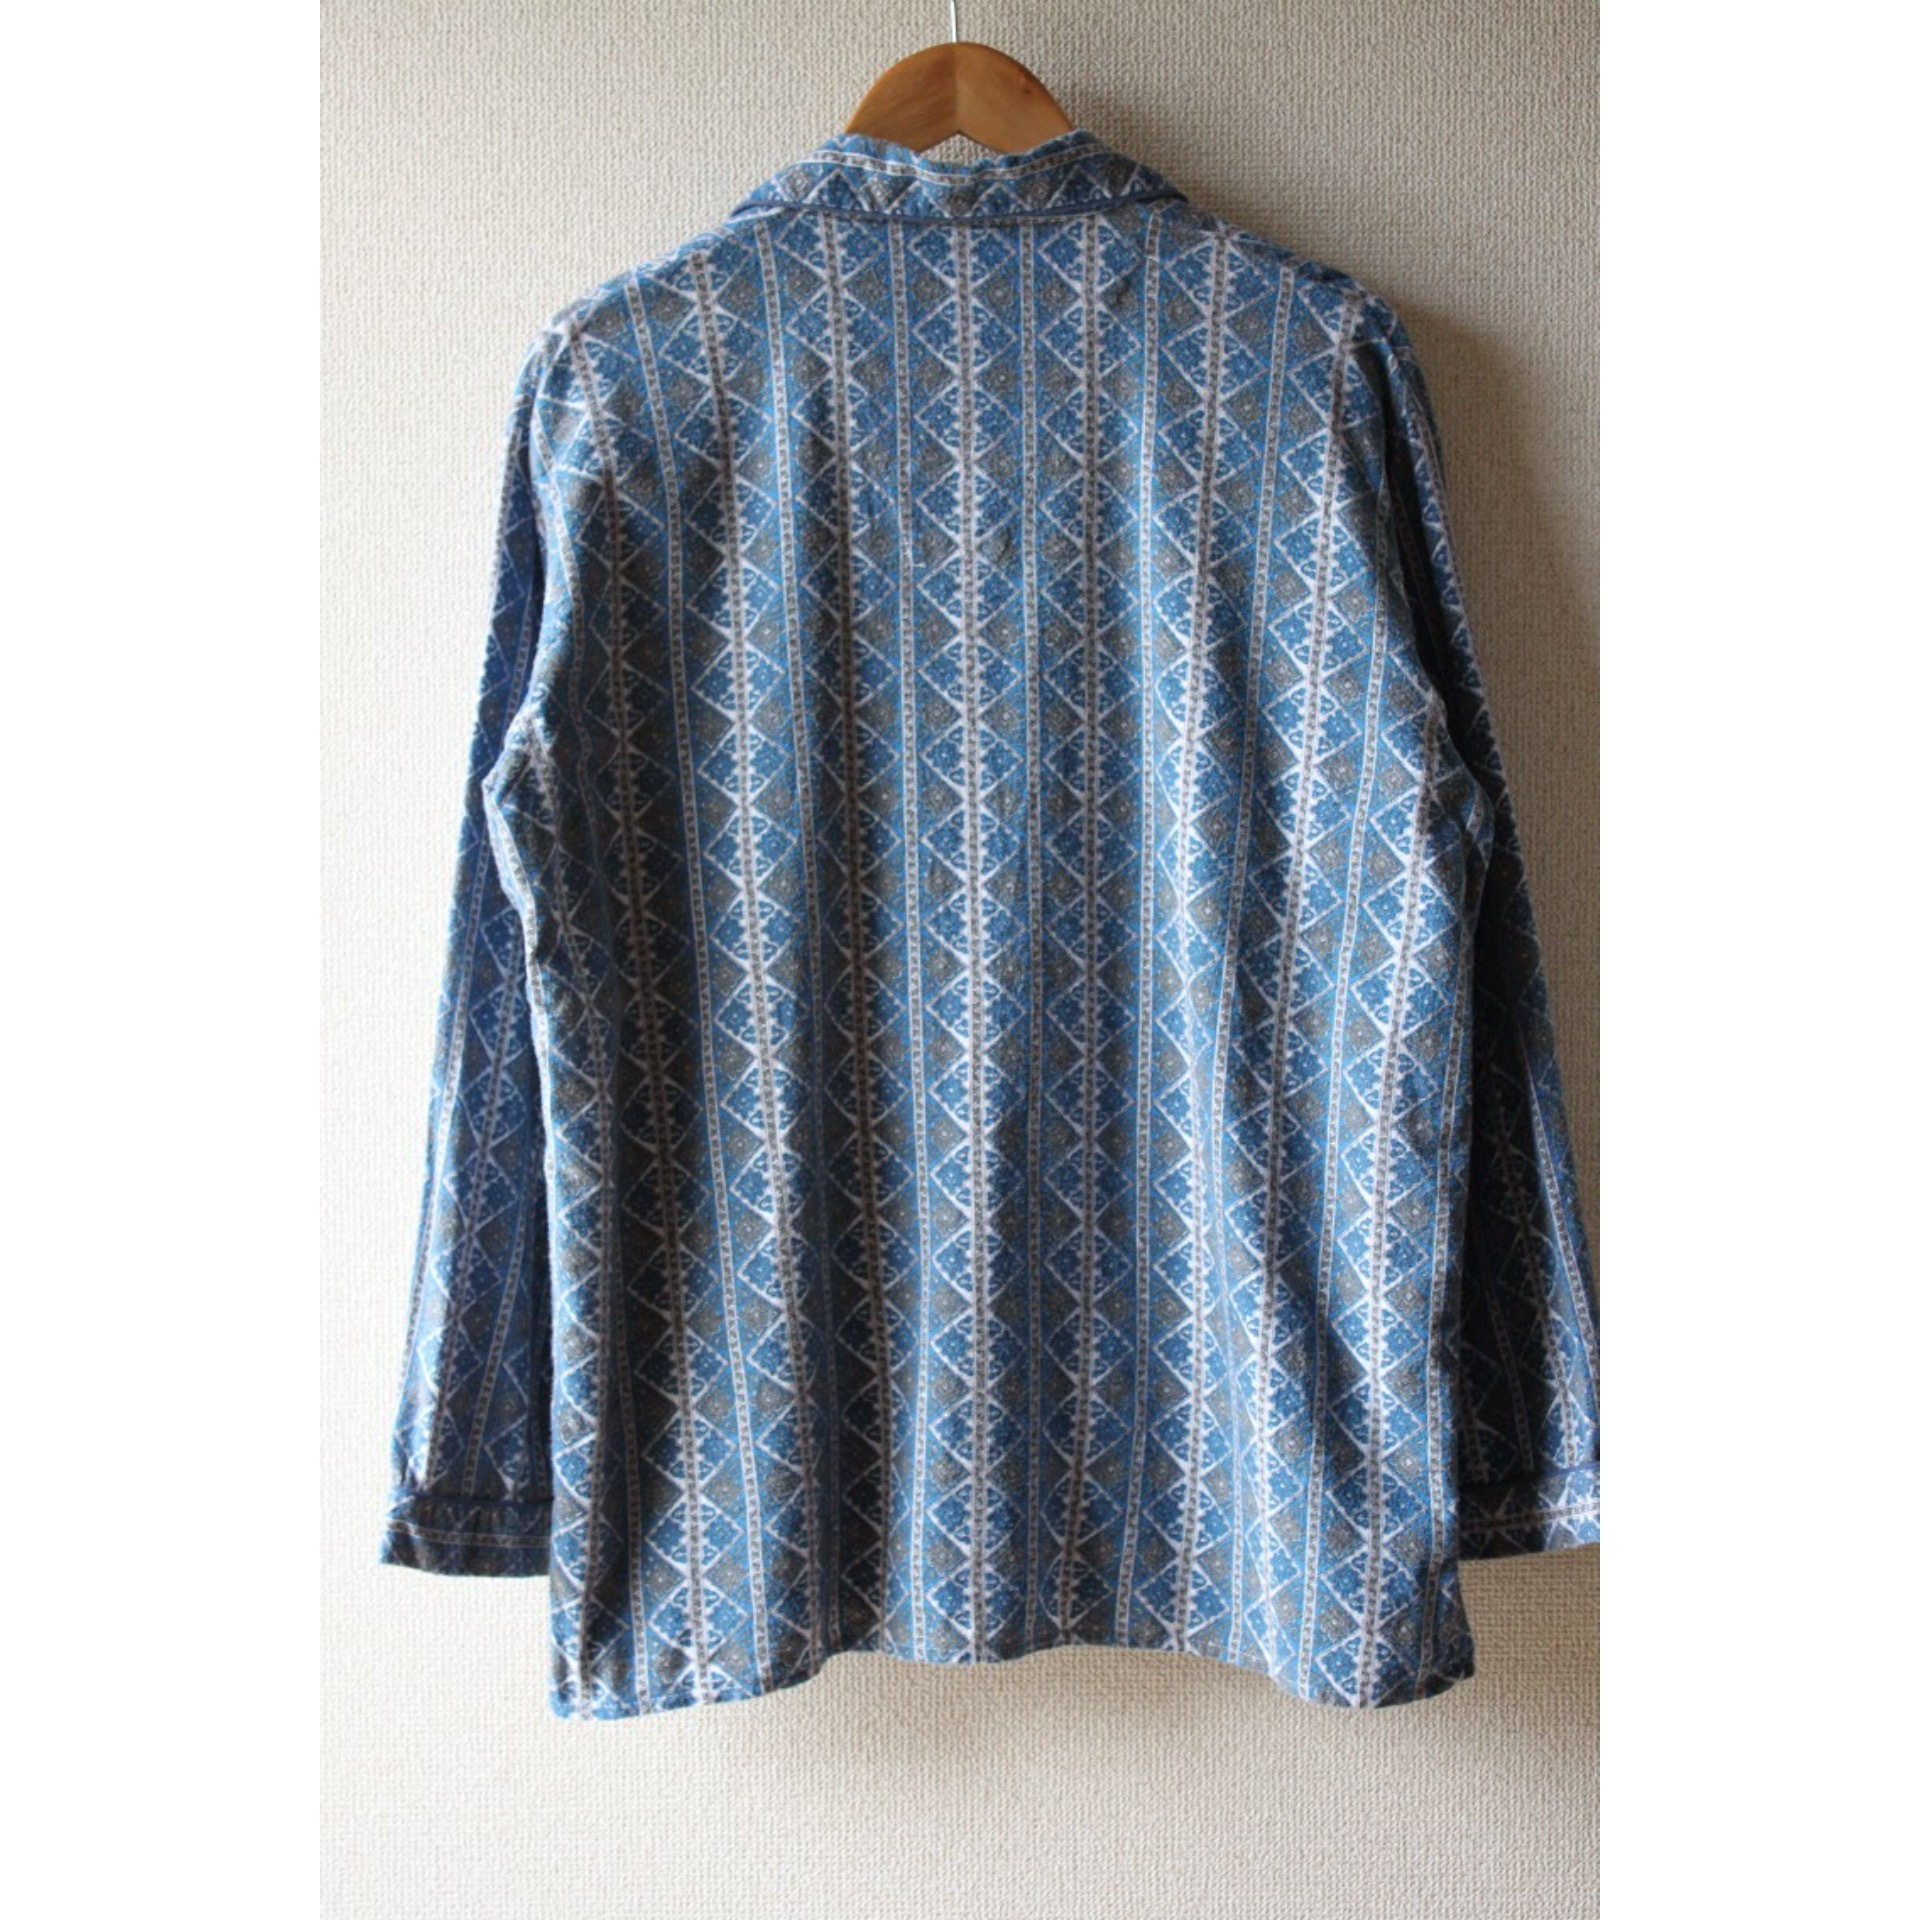 Vintage pajama shirt